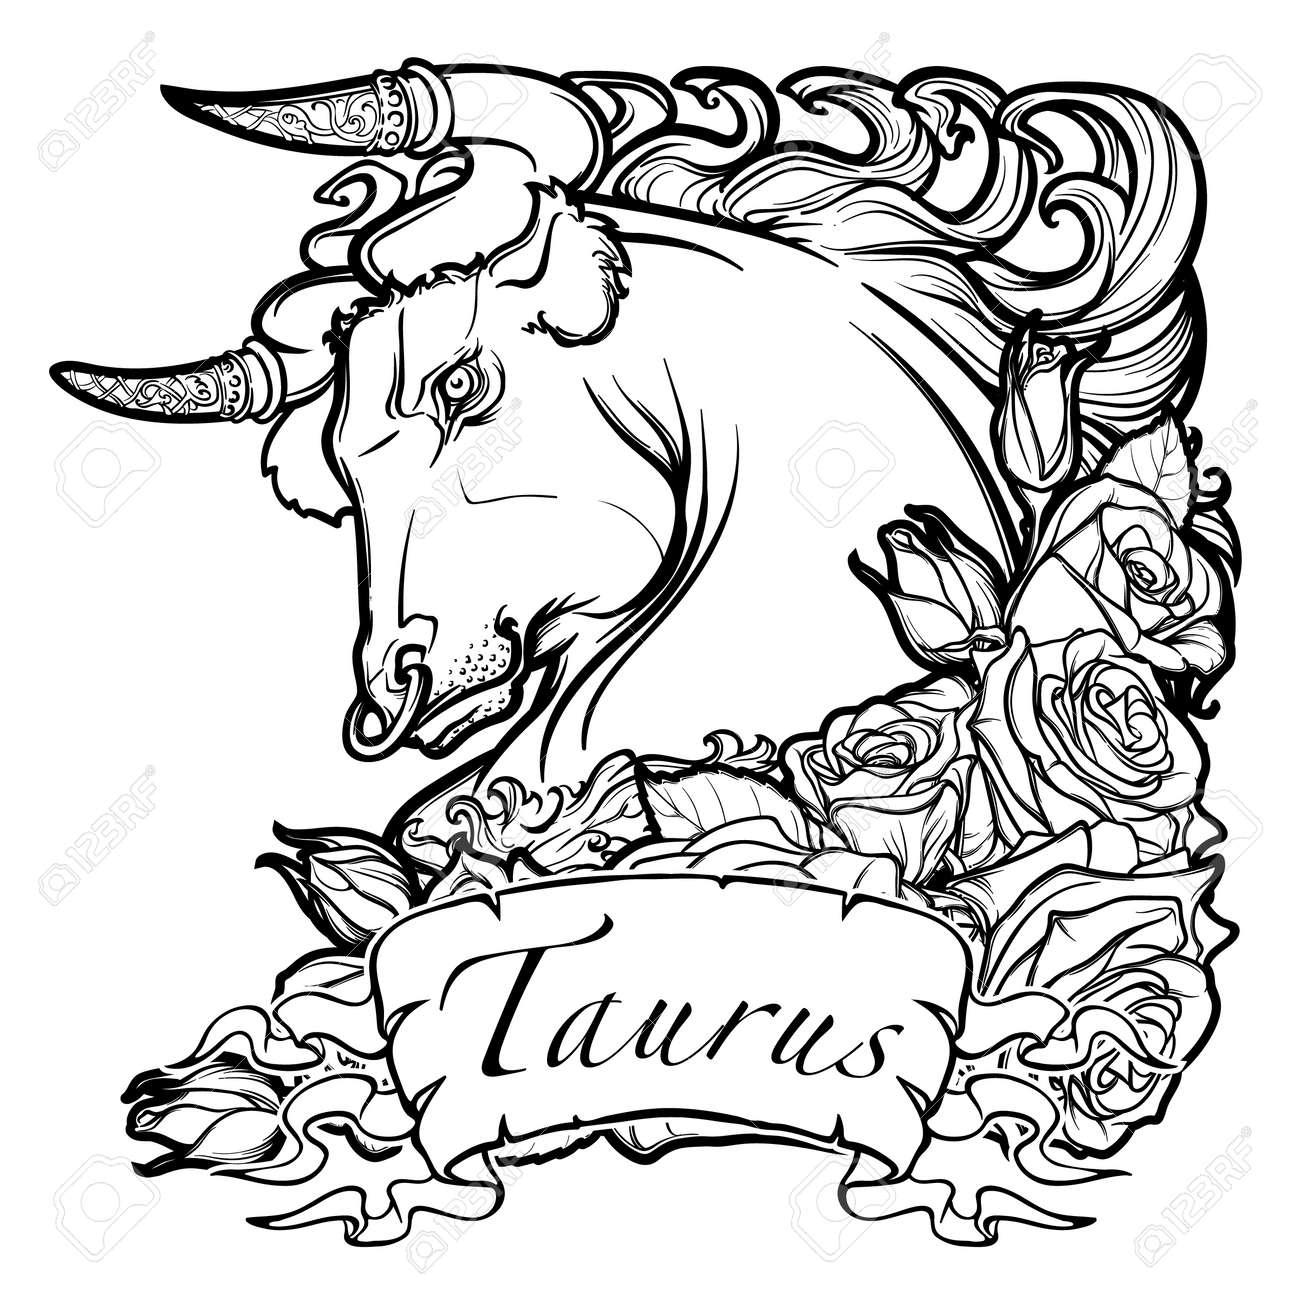 Sign tattoo designs - Taurus Star Sign Tattoo Designs